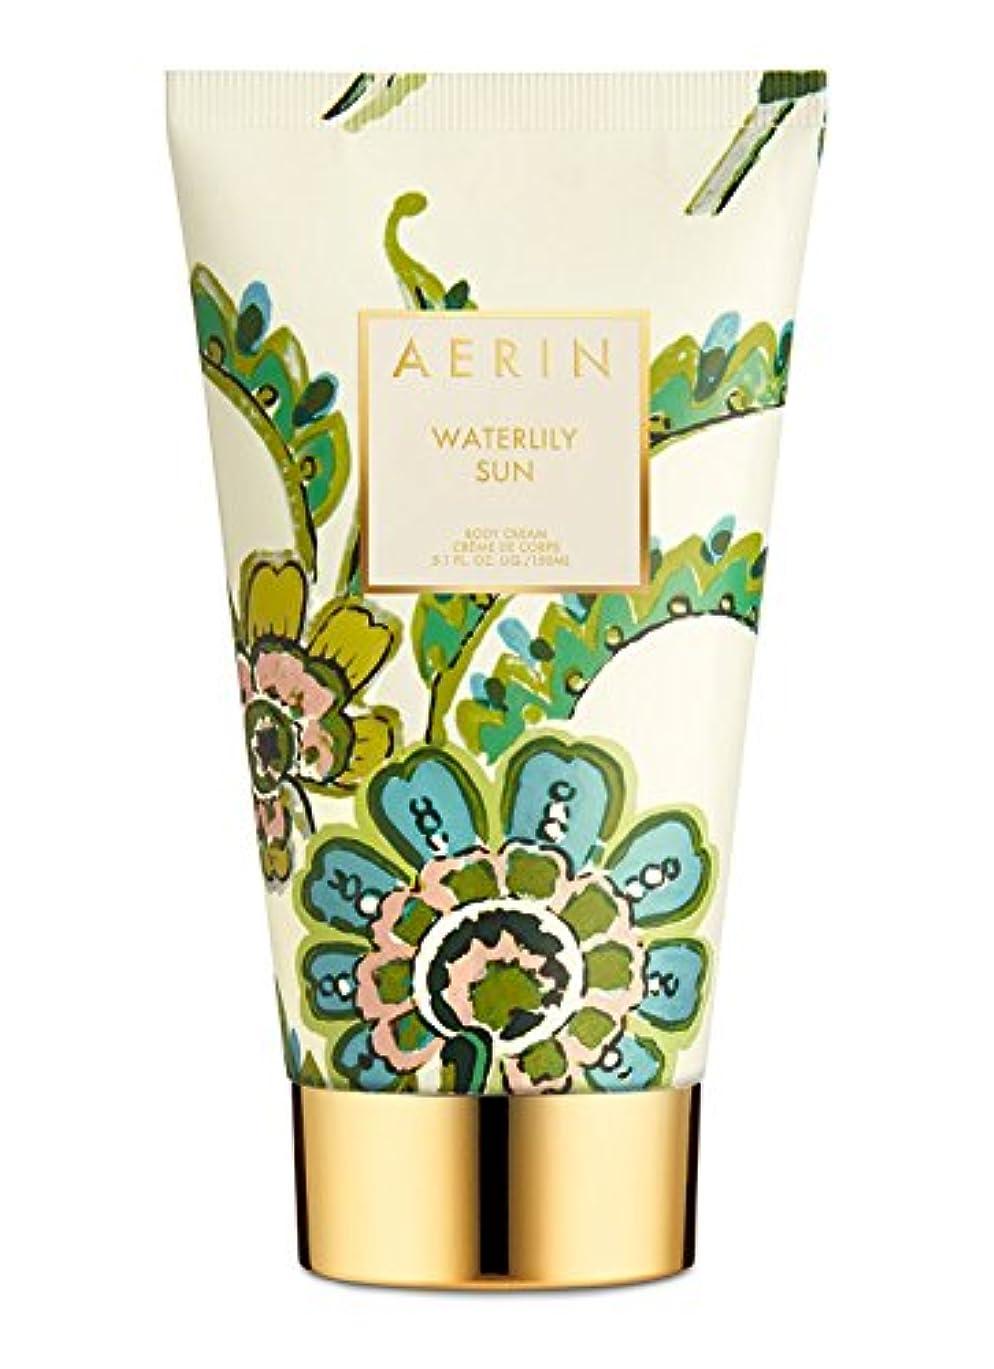 シンポジウム金属狂乱AERIN 'Waterlily Sun' (アエリン ウオーターリリー サン) 5.0 oz (150ml) Body Cream ボディークリーム by Estee Lauder for Women